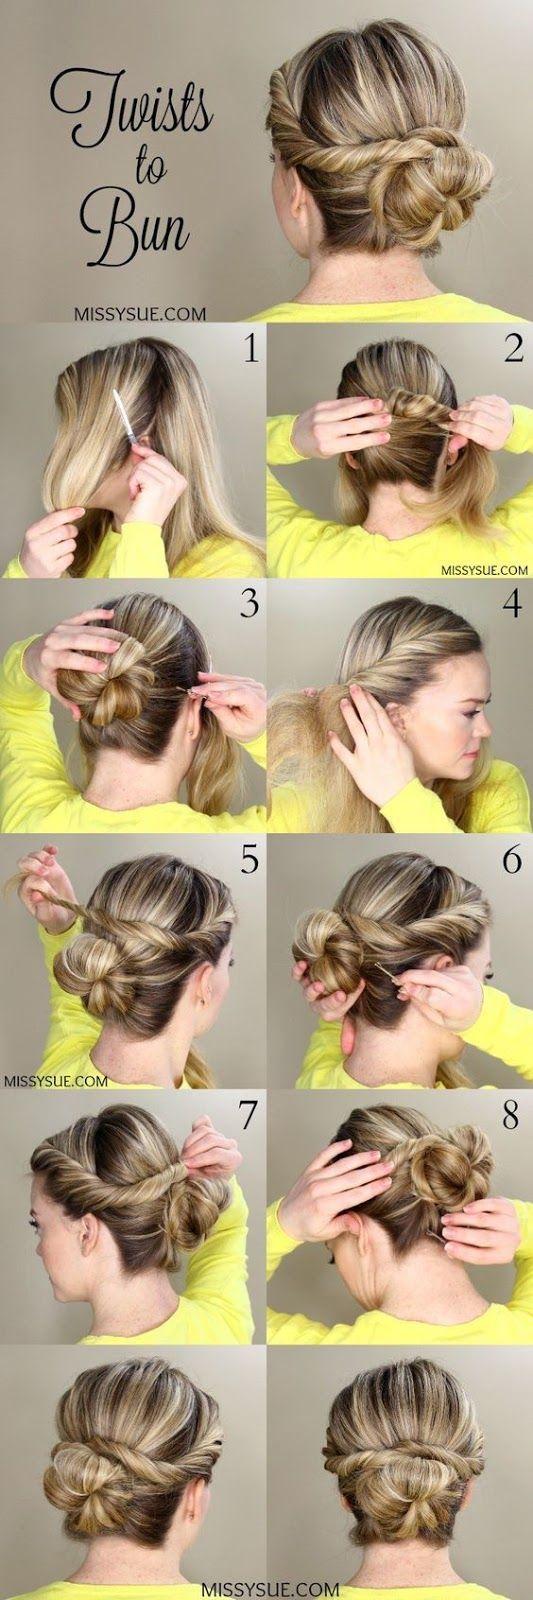 easy hairstyles step by step diy hair pinterest hair styles